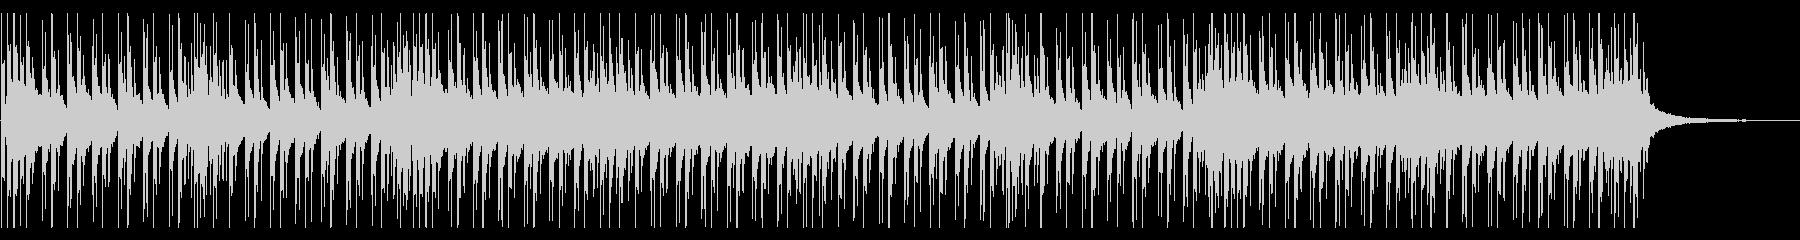 疾走感・勢いのあるソロドラムの未再生の波形